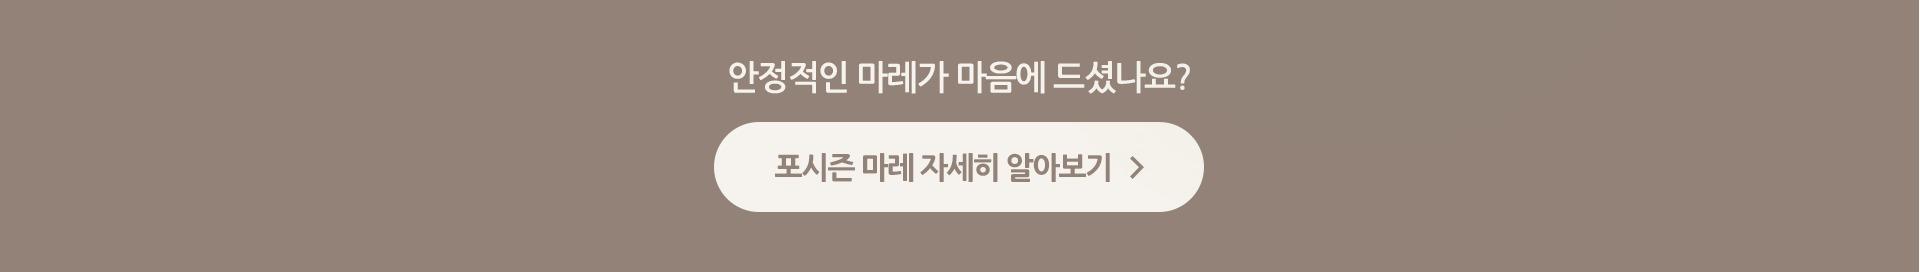 포시즌 마레 자세히 알아보기